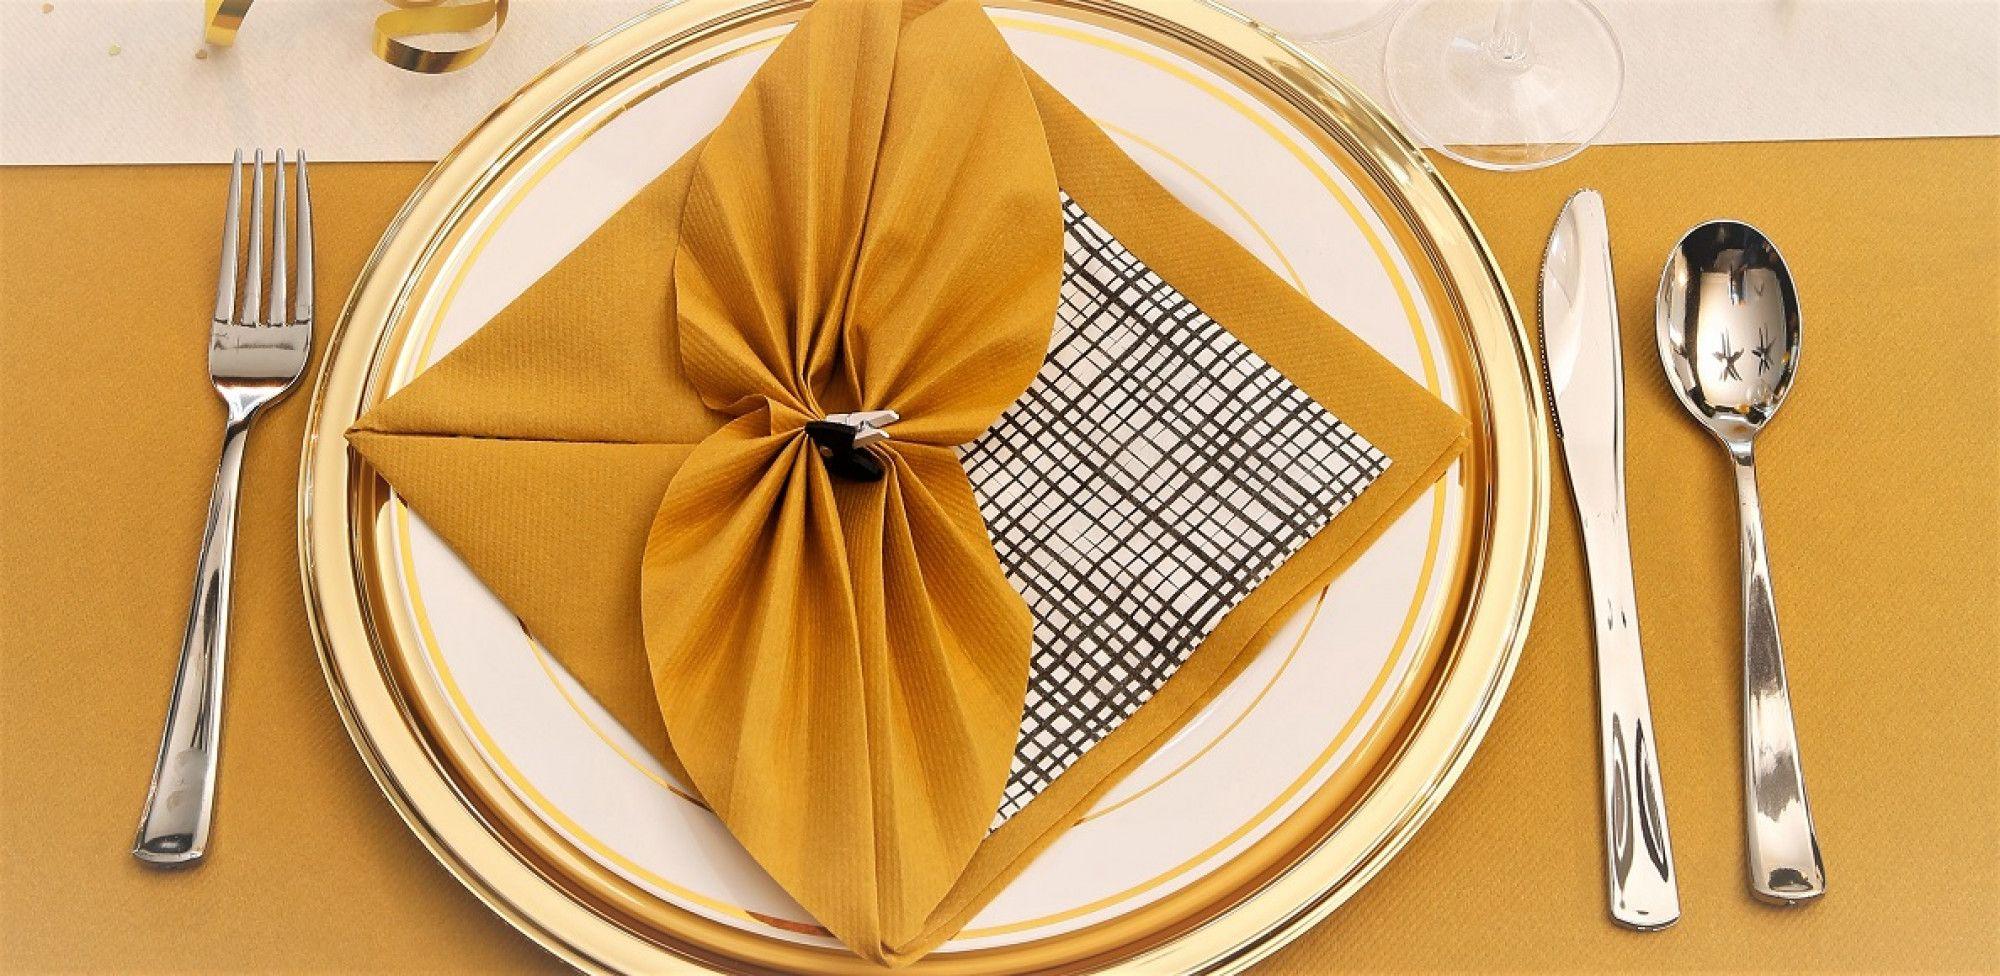 Pliage de serviette, L'éventail à plat #pliageserviettepapier